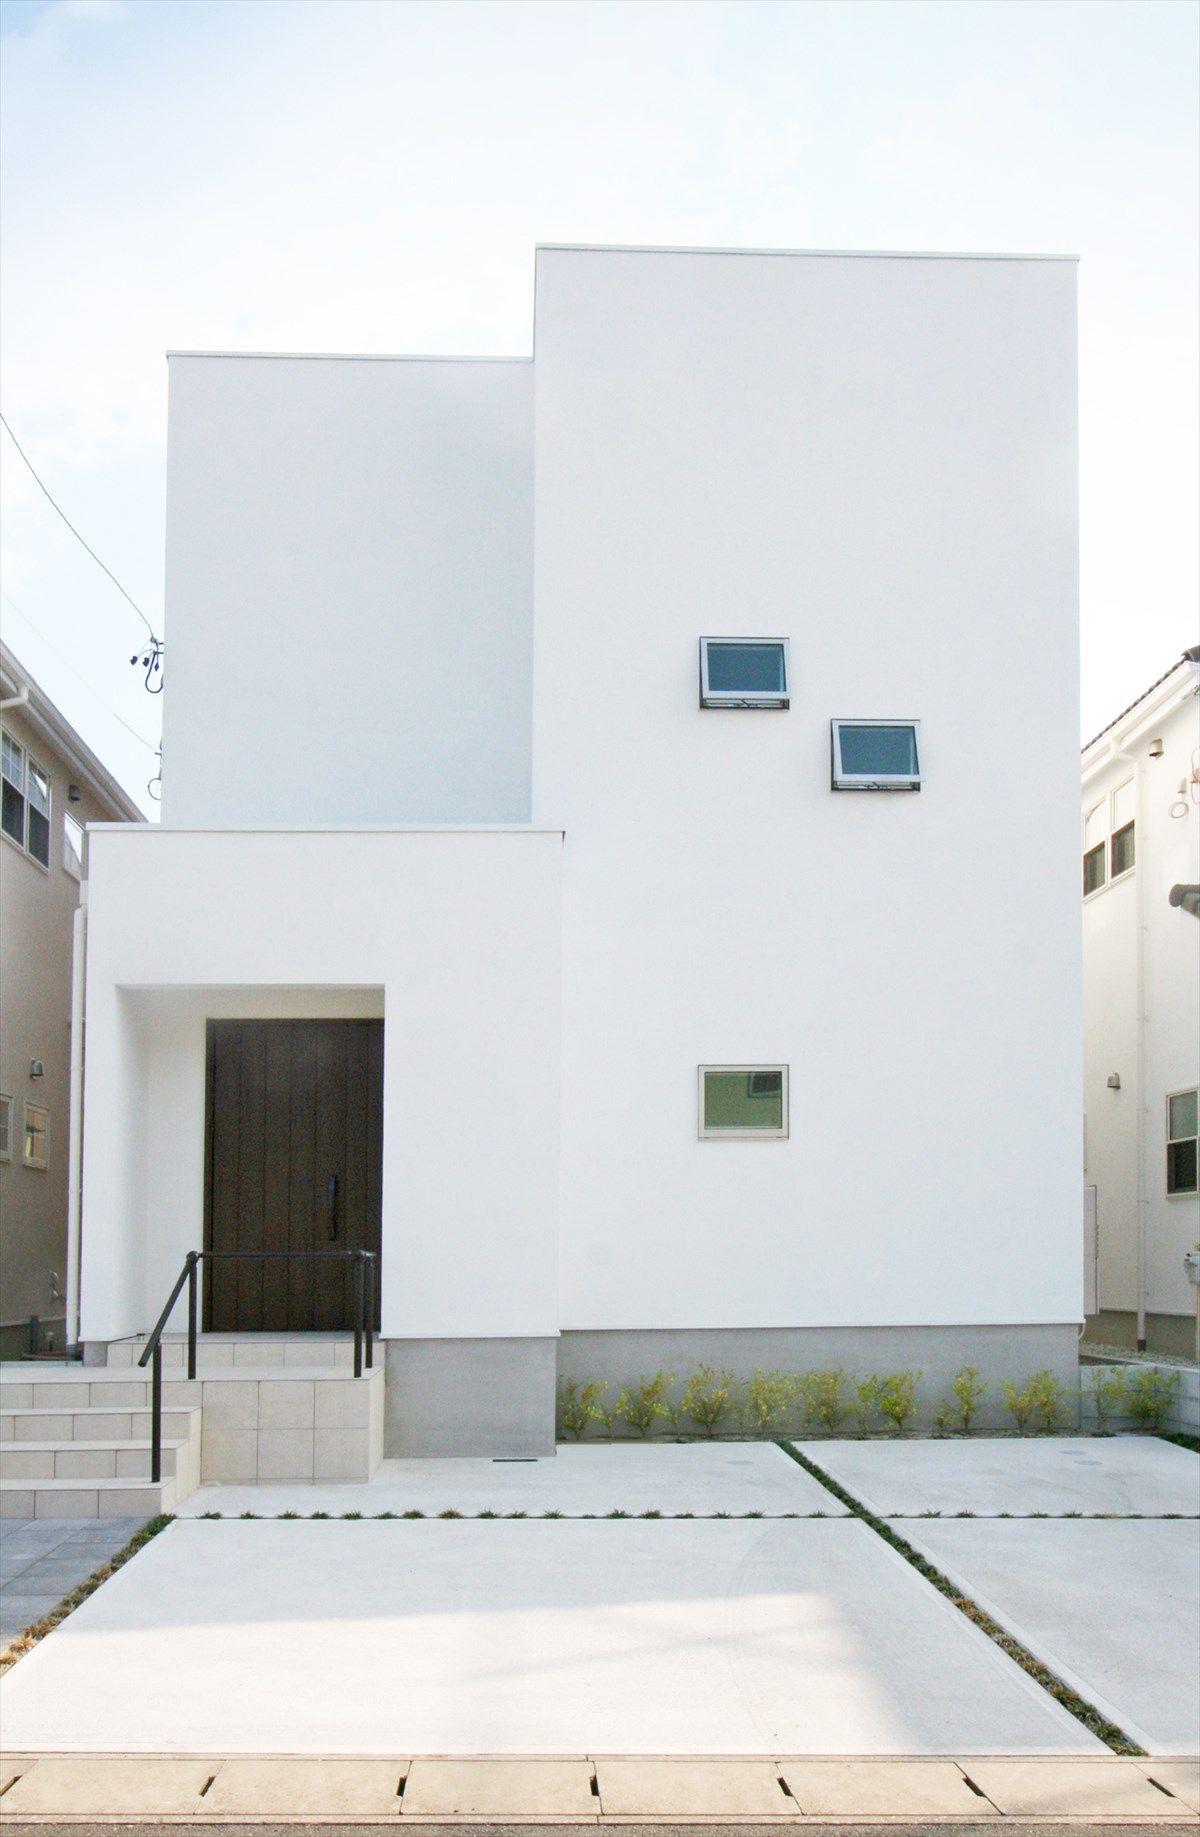 家 外観 エクステリア 箱の家 白い家 塗り壁 スクエアな家 モダン